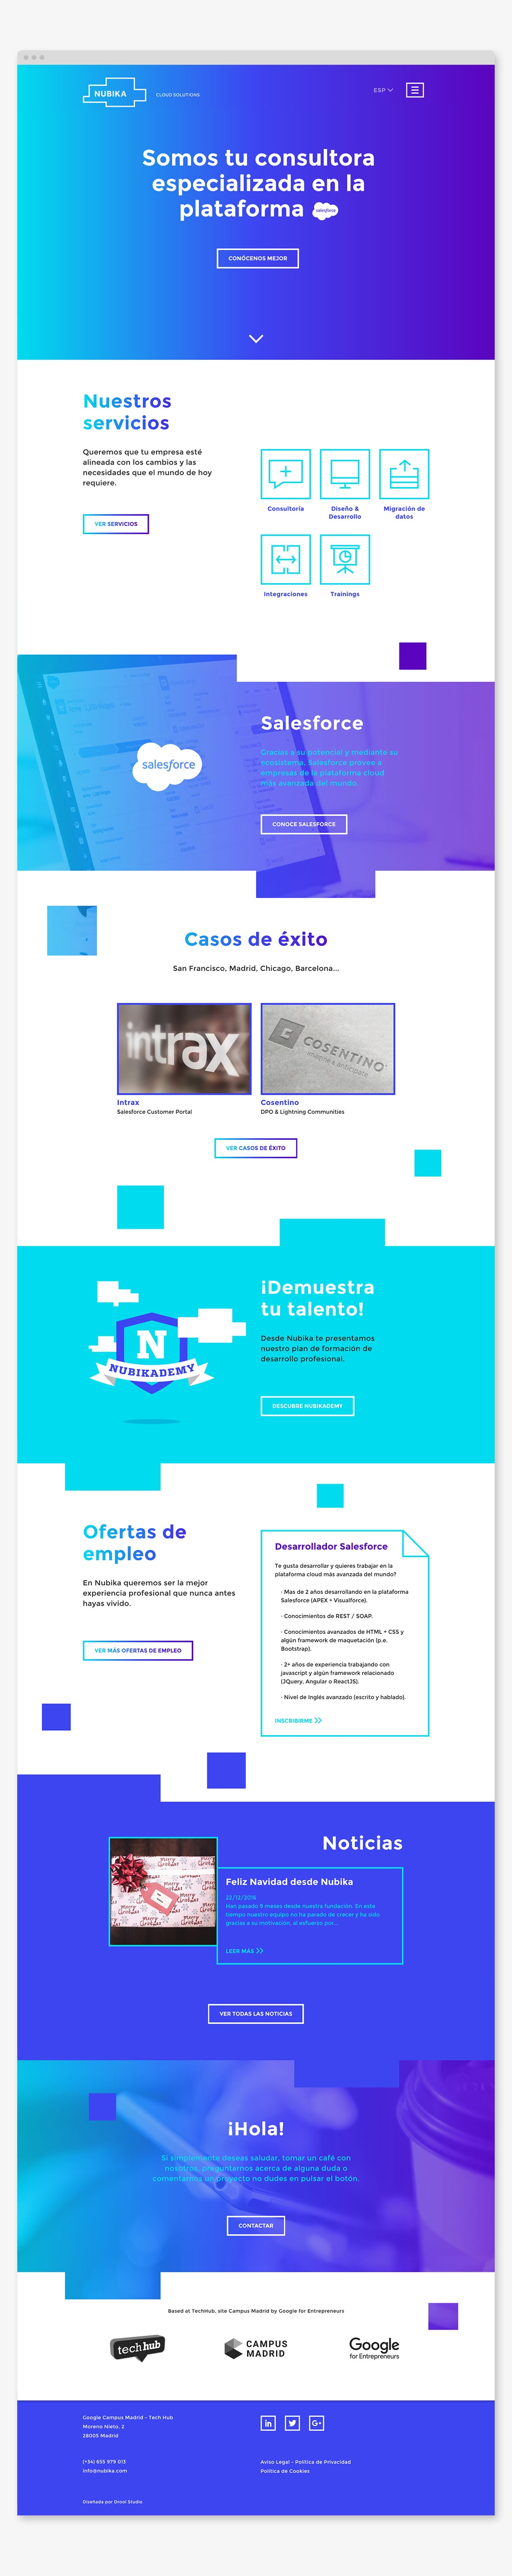 Para el diseño y programación de su página web, creamos un site moderno y potente visualmente, con elegantes transiciones y cuidadas animaciones